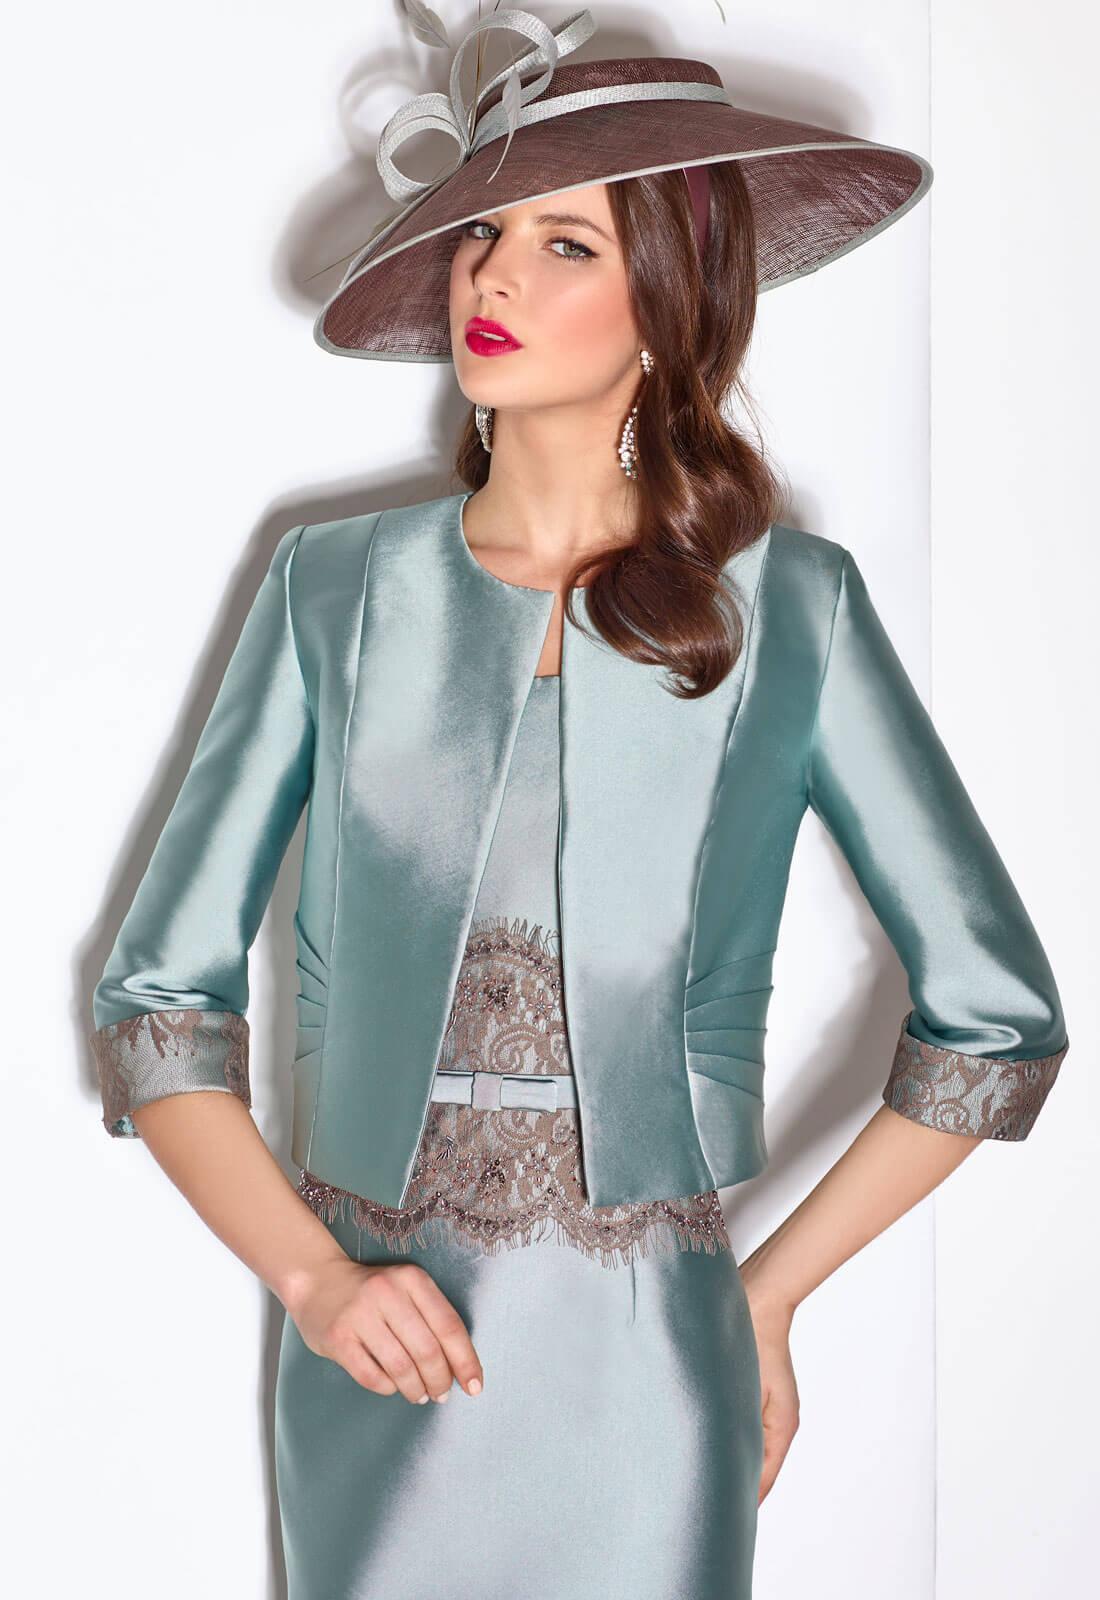 Elegantna_obleka_z_jakno_za_gospe_zenski_kostim_svecana_obleka_in_jakna